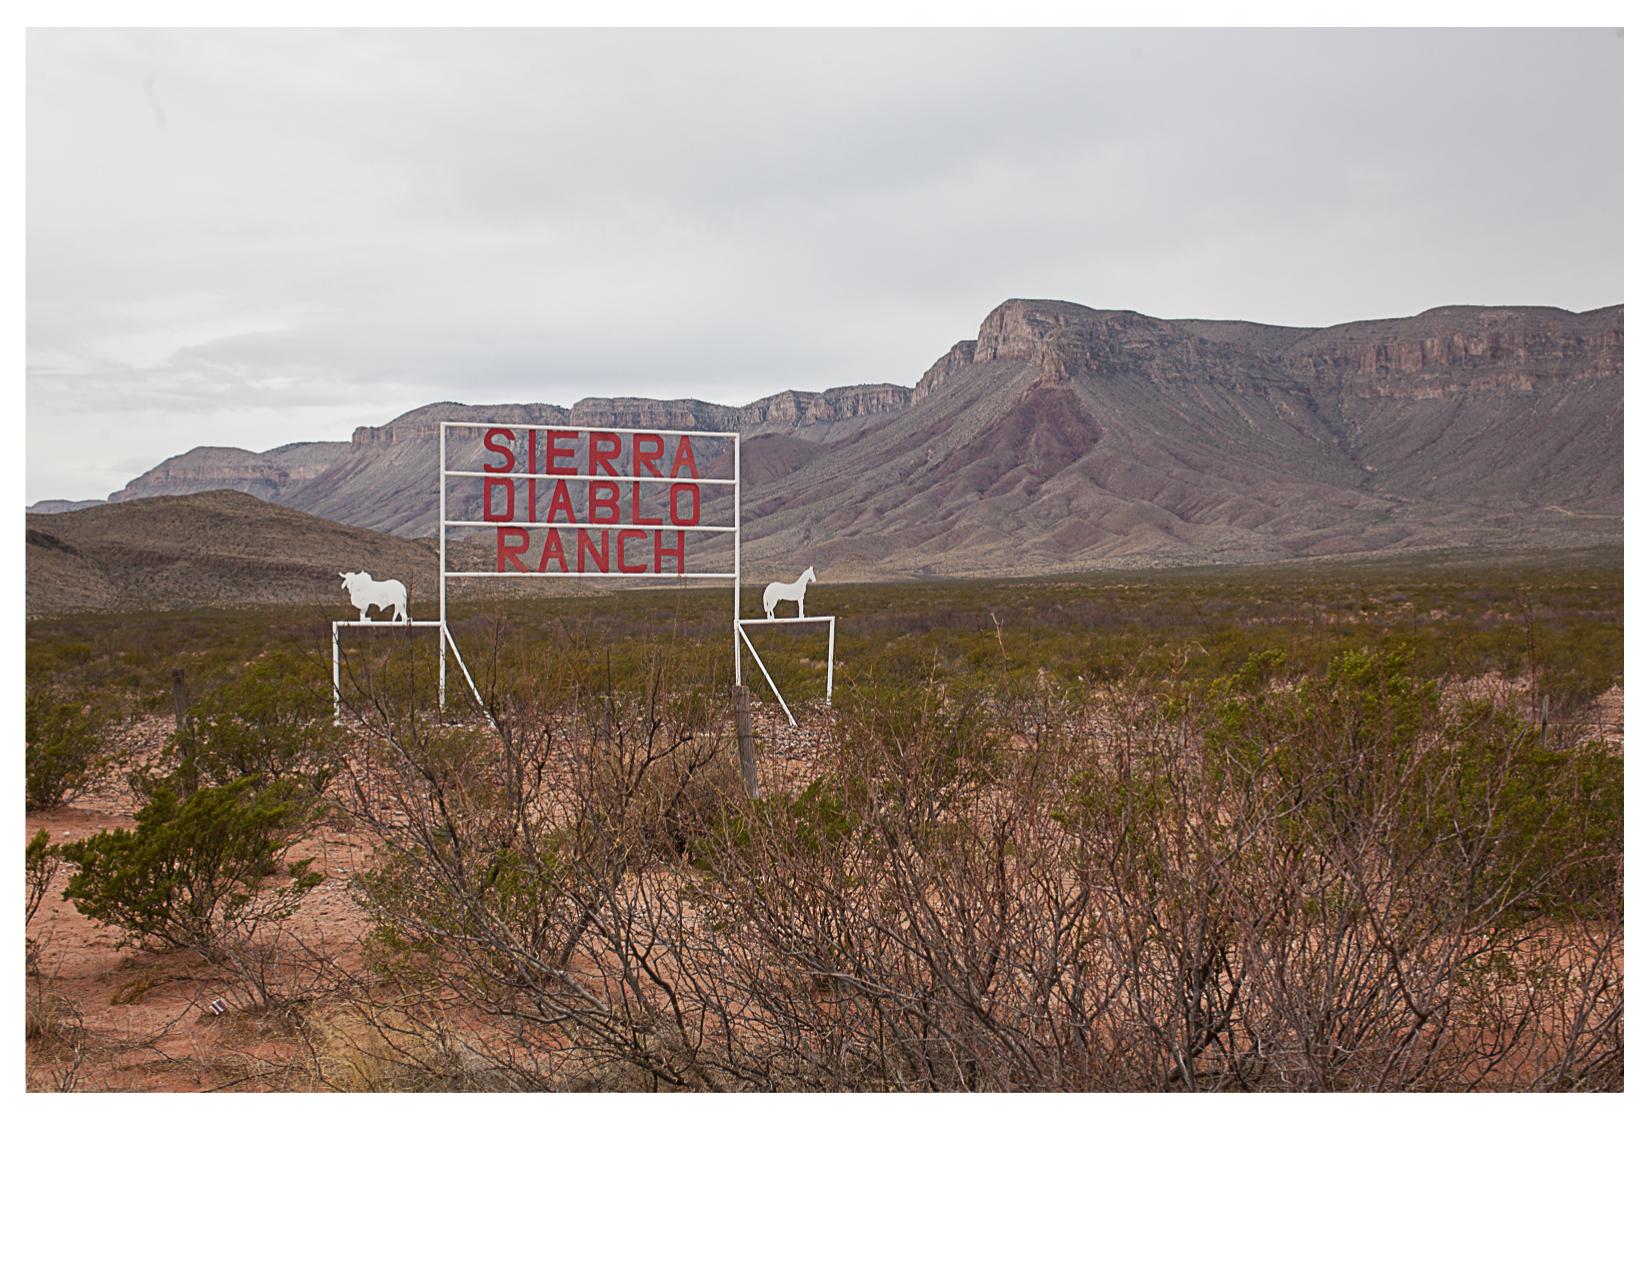 Sierra Diablo Ranch, North of Van Horn, TX